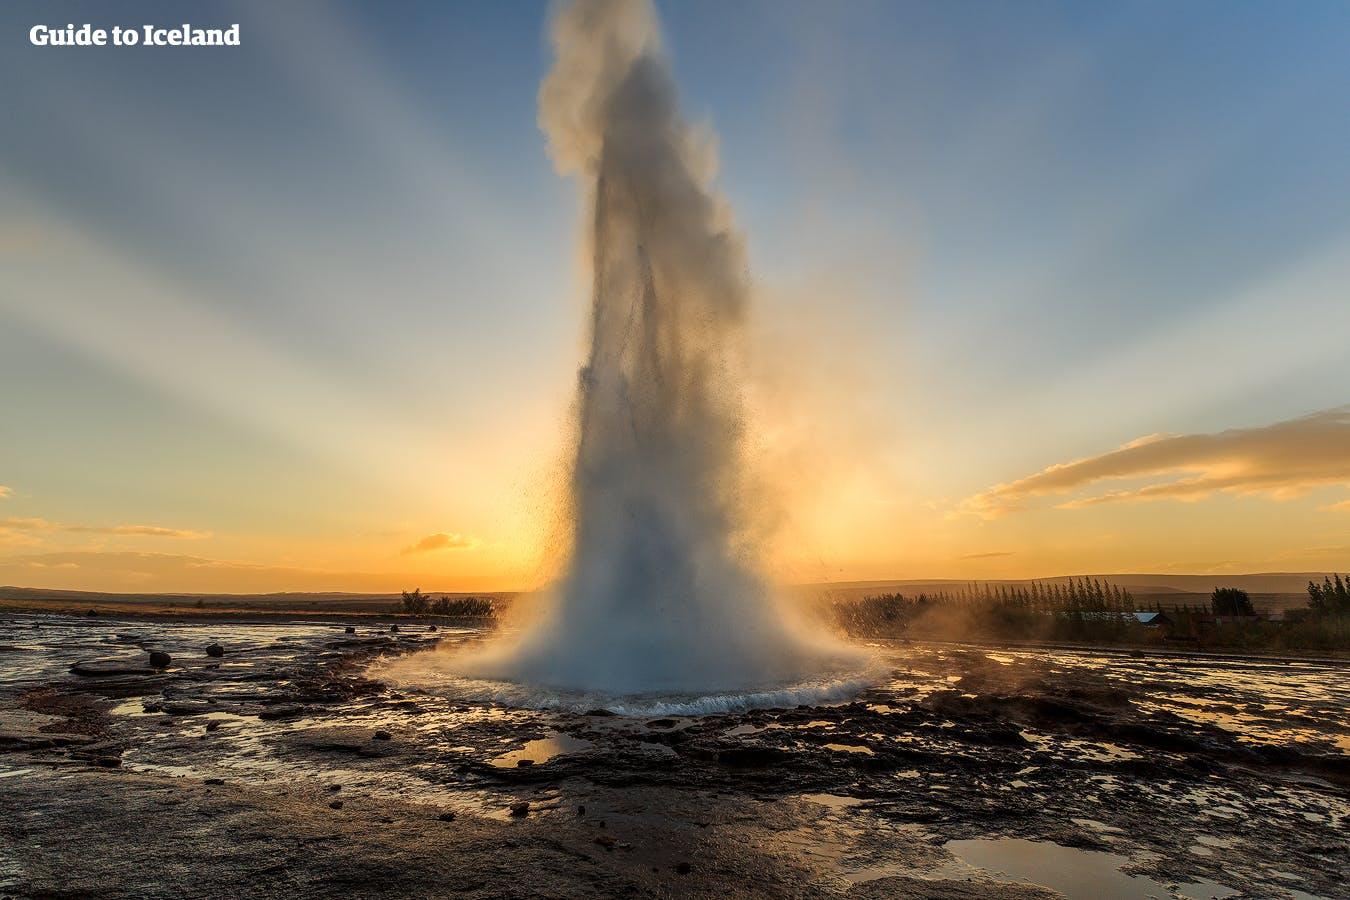 Circuit été de 12 jours | Voyage autour de l'Islande - day 2